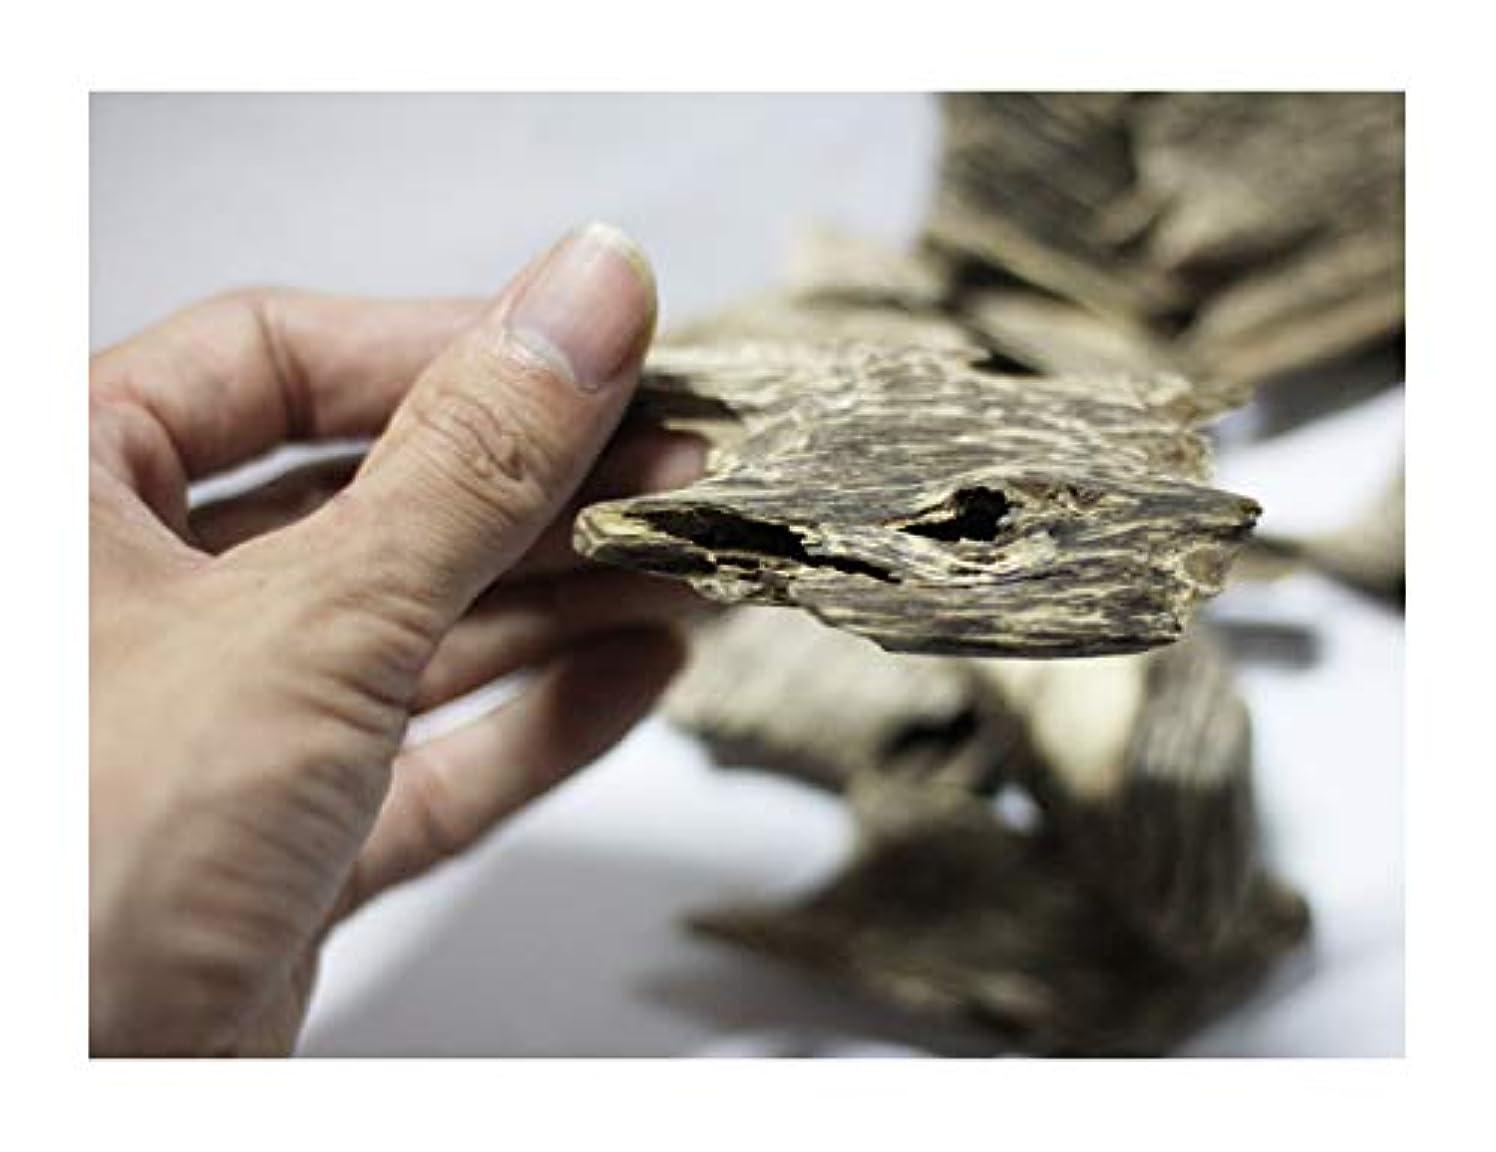 微生物正当な気づくなるオウドチップス オードチップ インセンス アロマ ナチュラル ワイルド レア アガーウッド チップ オードウッド ベトナム 純素材 グレードA++ 50 Grams ブラック